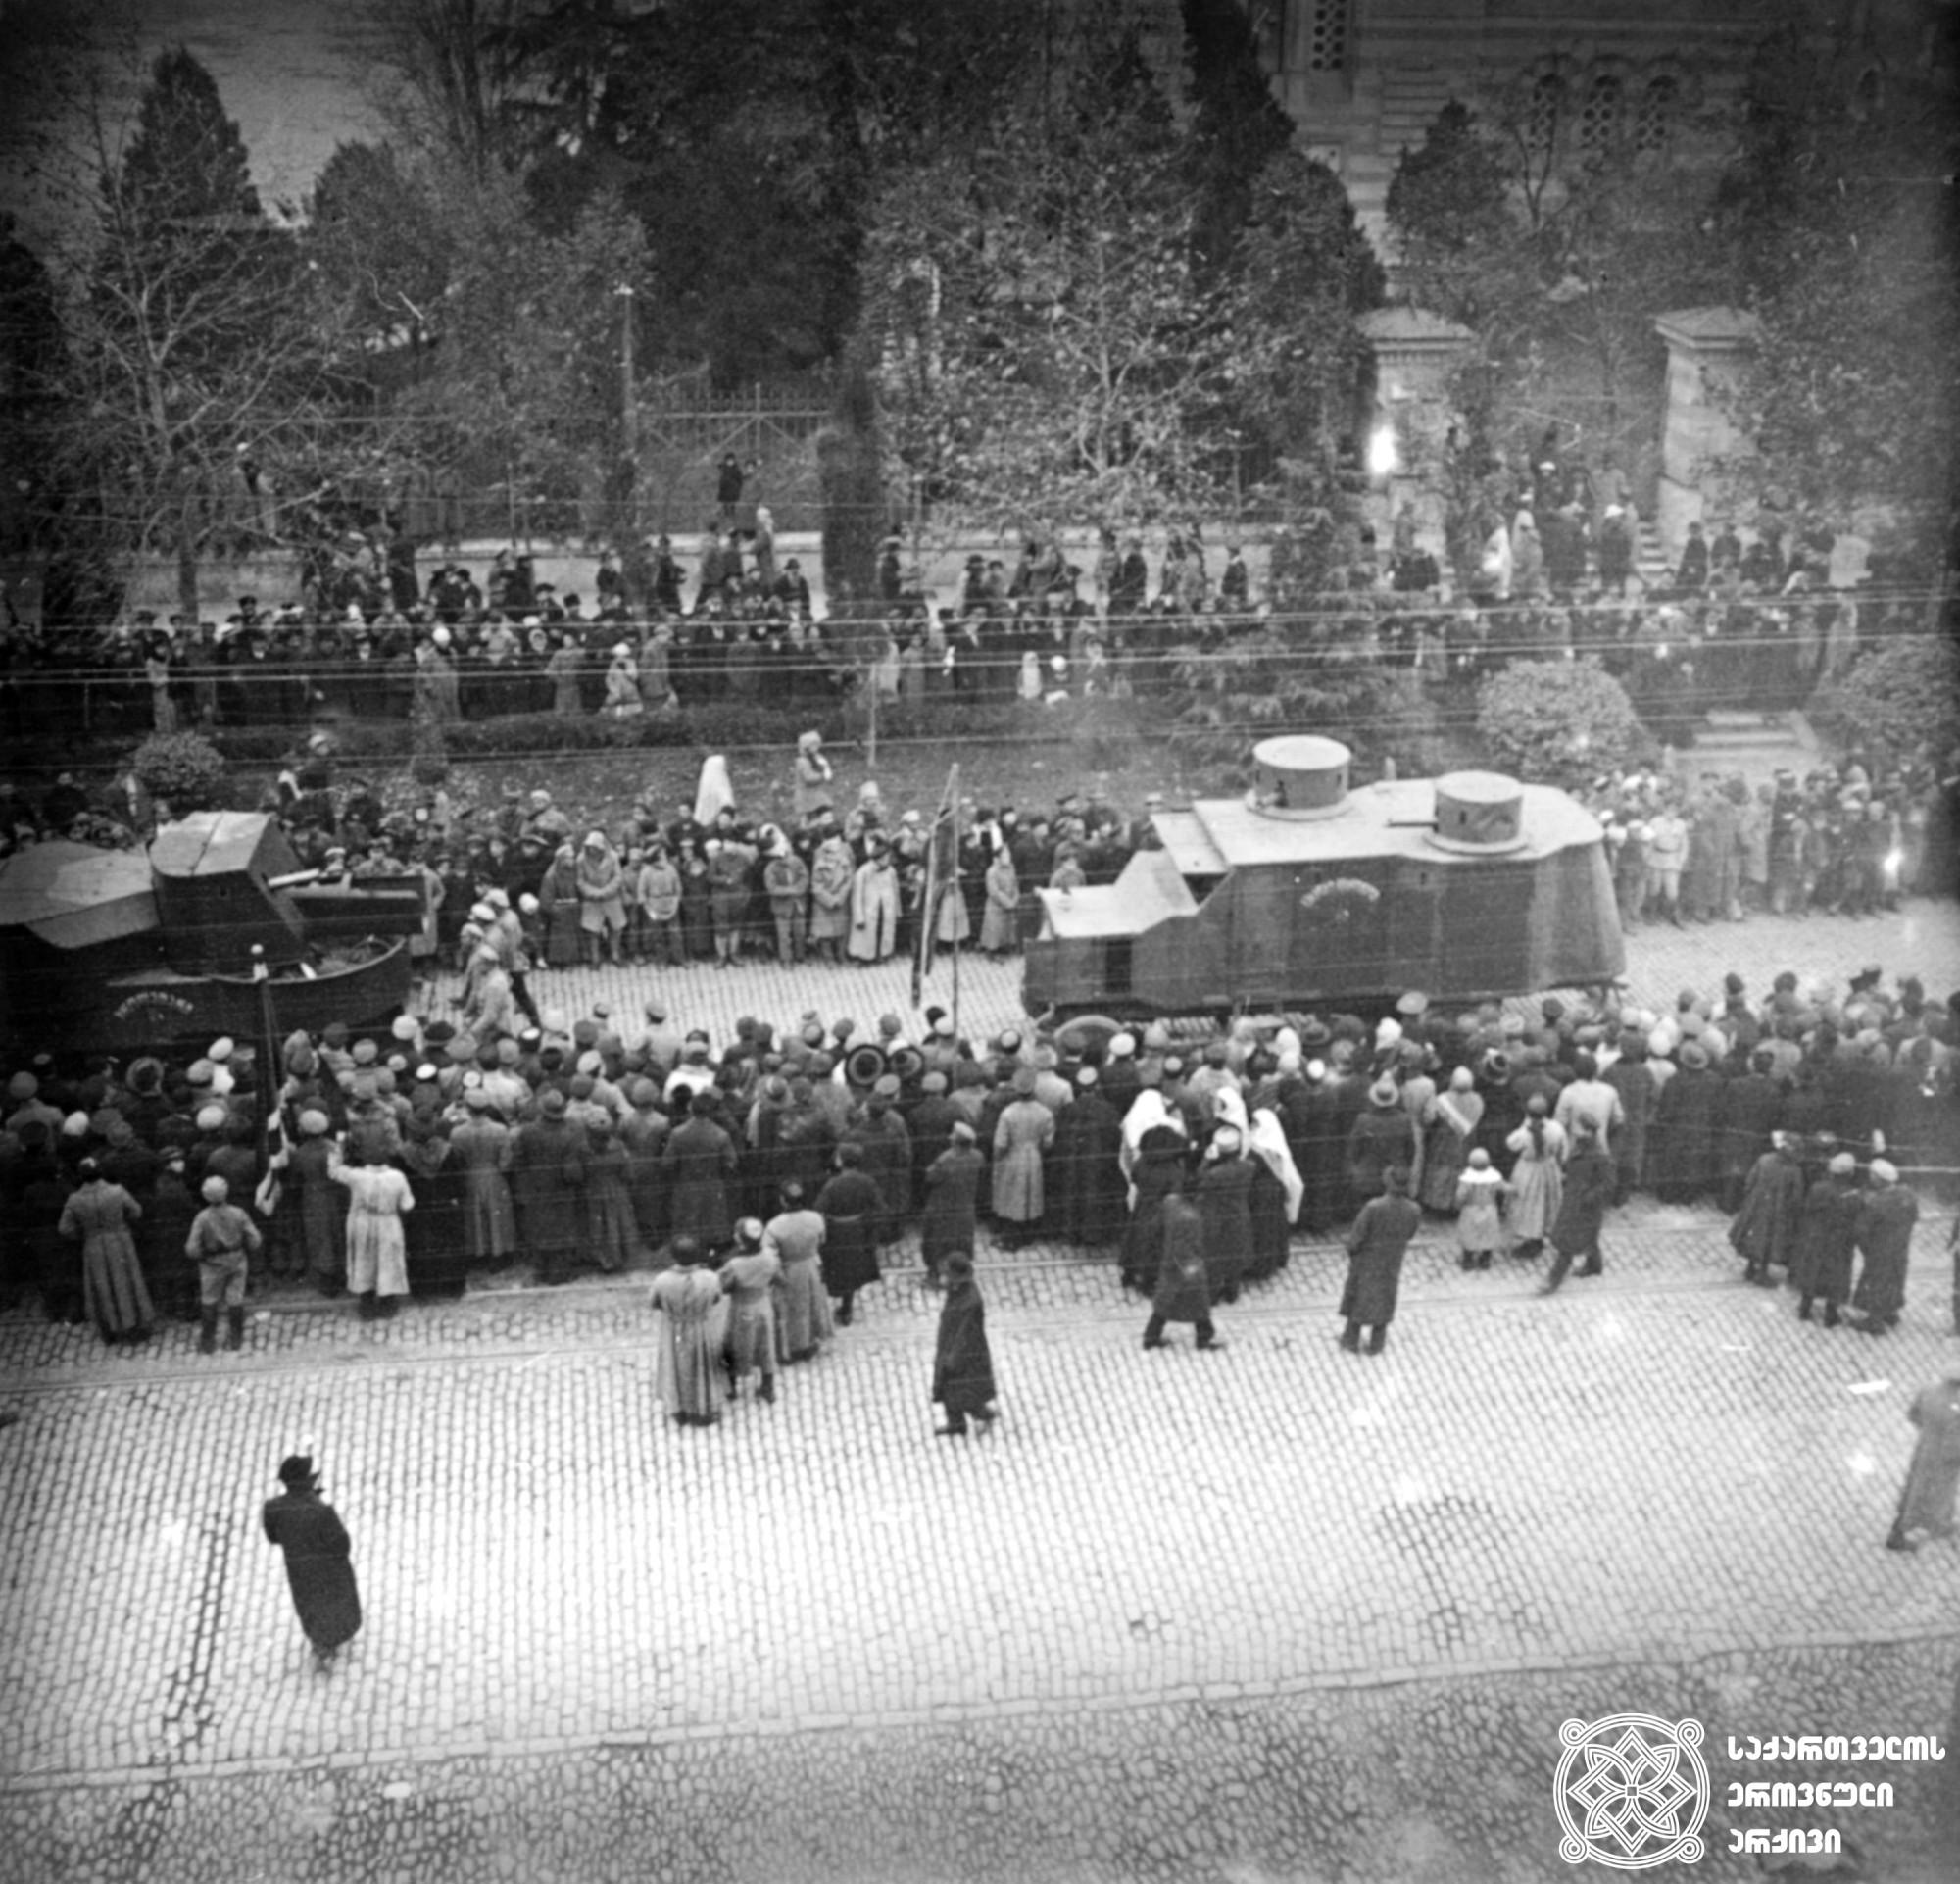 """საქართველოს შეიარაღებული ძალების """"გარფორდისა"""" და """"ოსტინის"""" ფირმის ჯავშანმანქანები რუსთაველის გამზირზე სამხედრო აღლუმზე მსვლელობისას. ჯავშანმანქანები ომში აქტიურ მონაწილეობას იღებდა.  <br> 1920 წელი. <br>  Georgian armed force's - Garford and Austin branded armored cars on military parade on Rustaveli avenue. Armored vehicles took an active part in the war.  <br> 1920."""